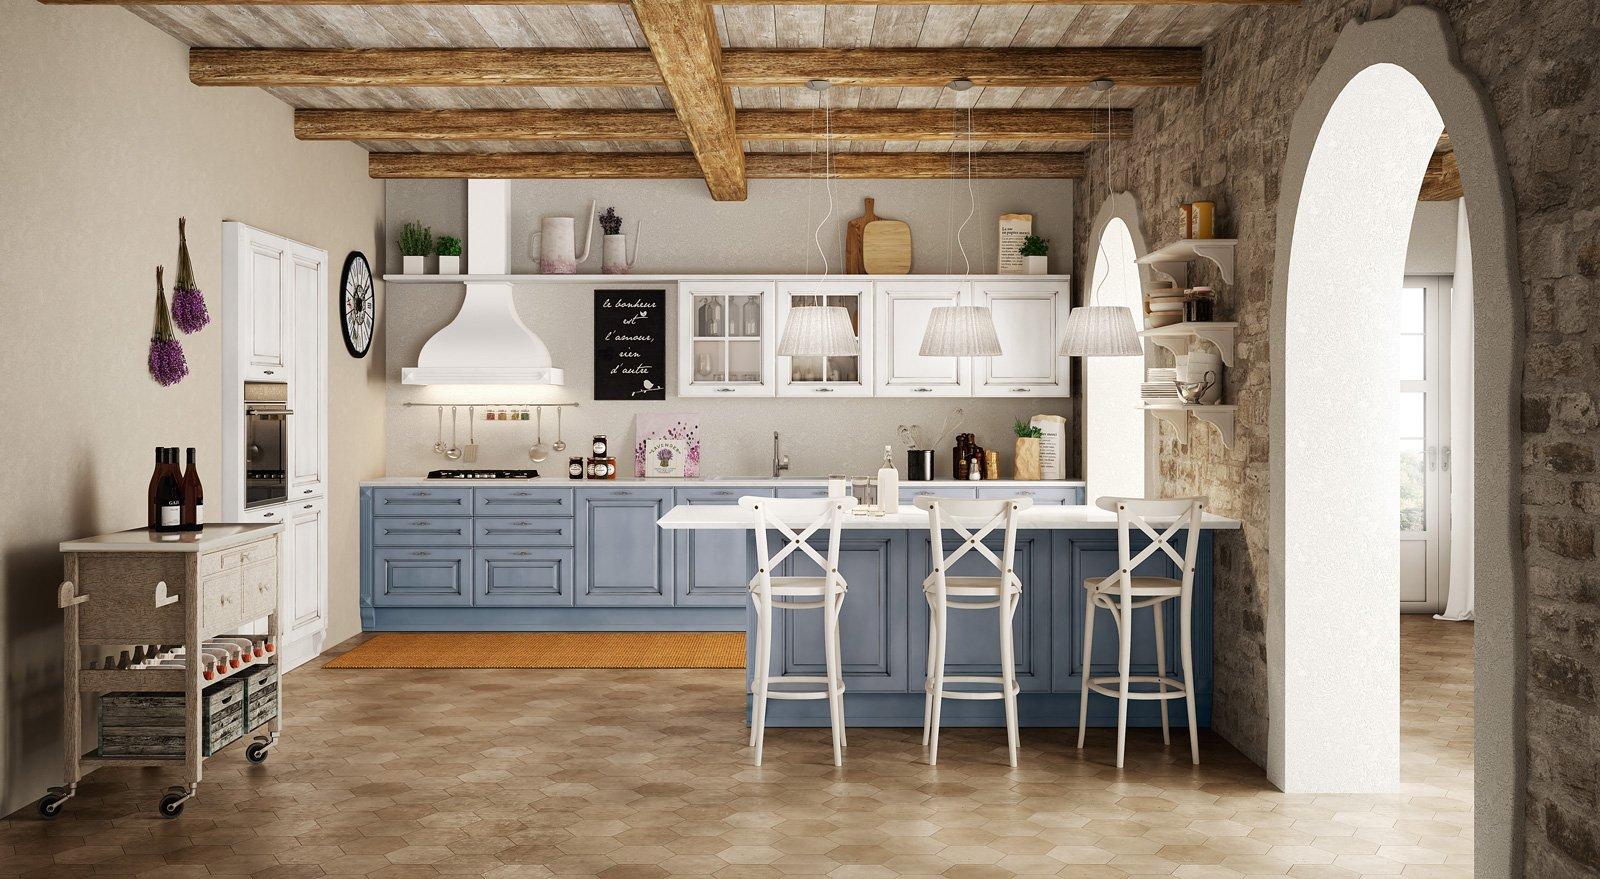 Azzurro Polvere E Bianco Latte Per Athena Di Berloni La Cucina Dal  #976834 1600 879 Immagini Di Cucine Arte Povera